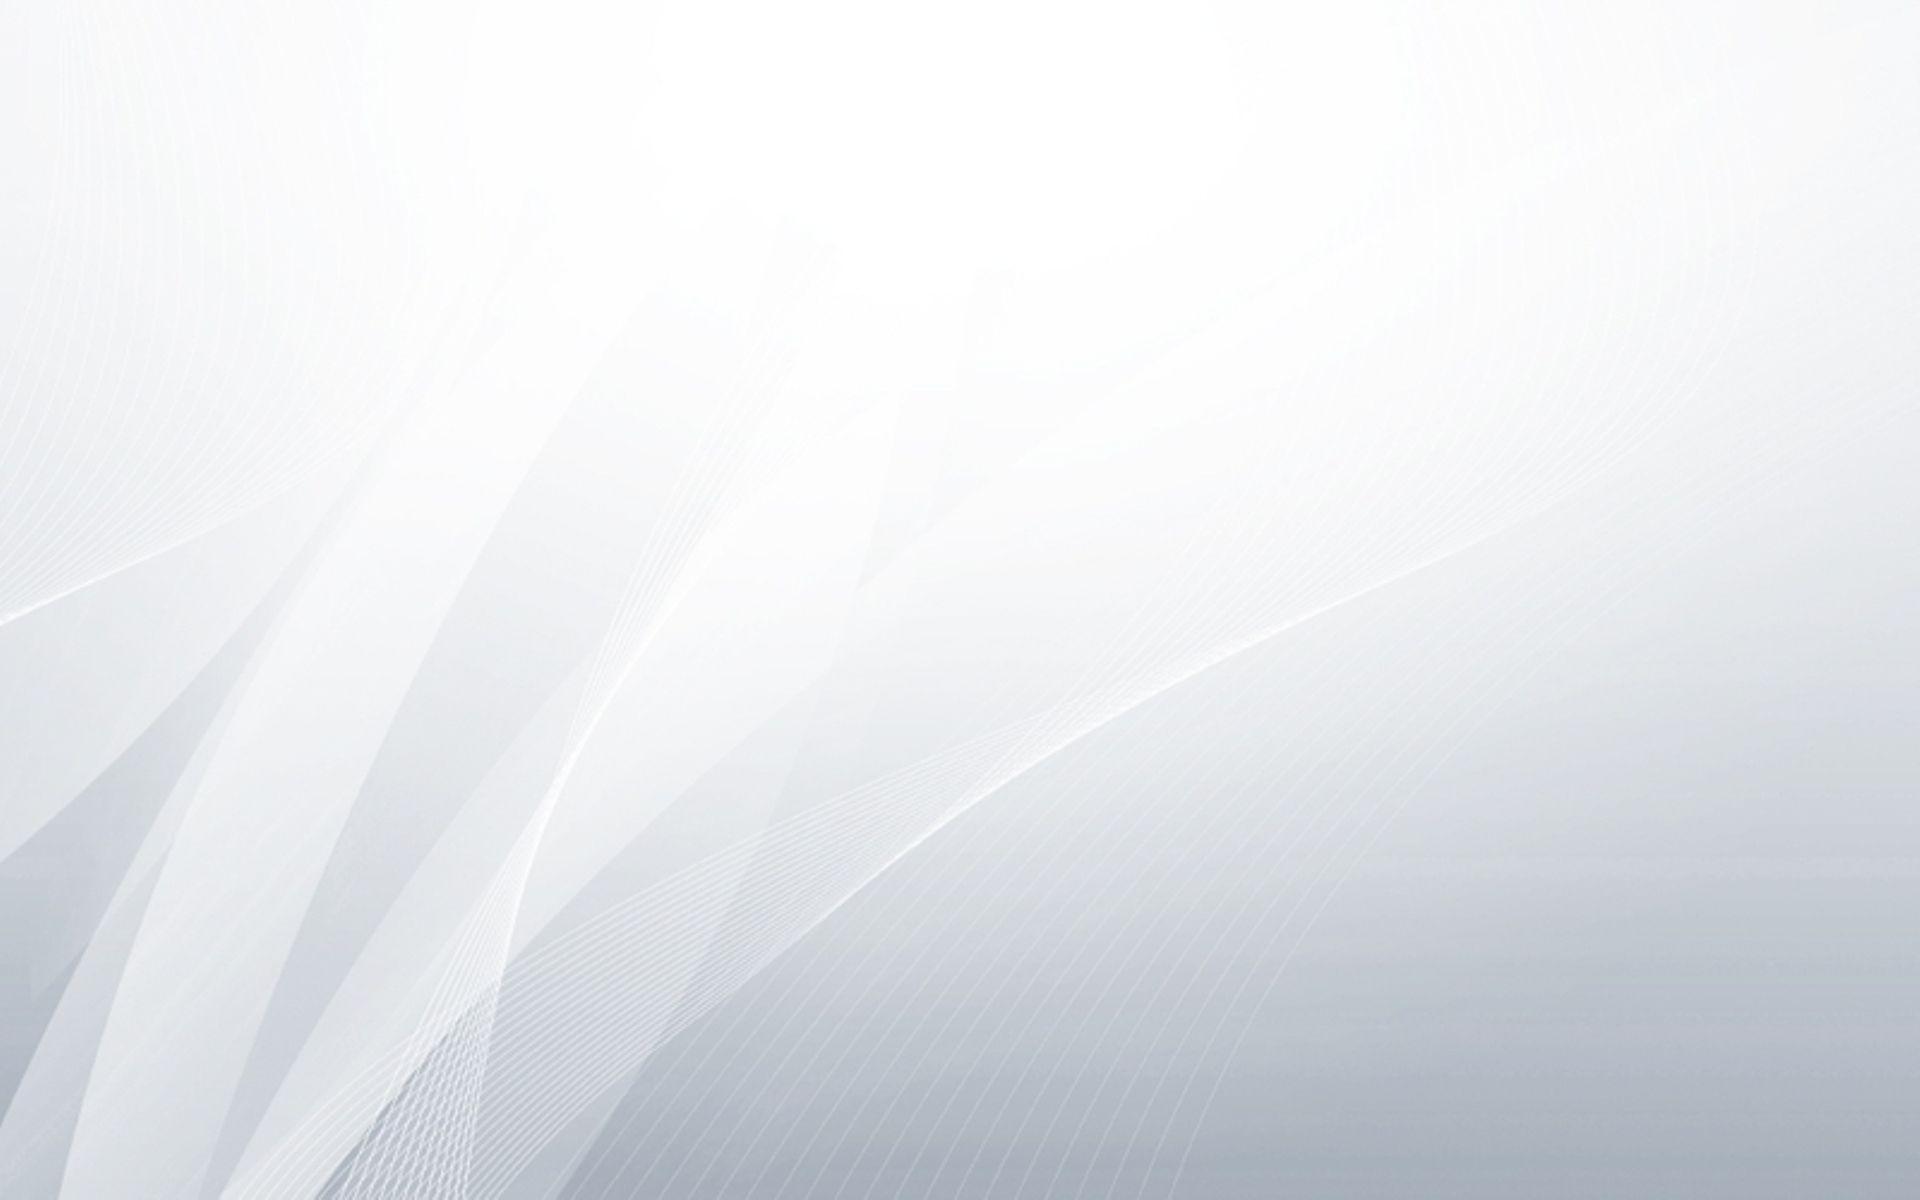 Hình nền trắng đẹp (89)